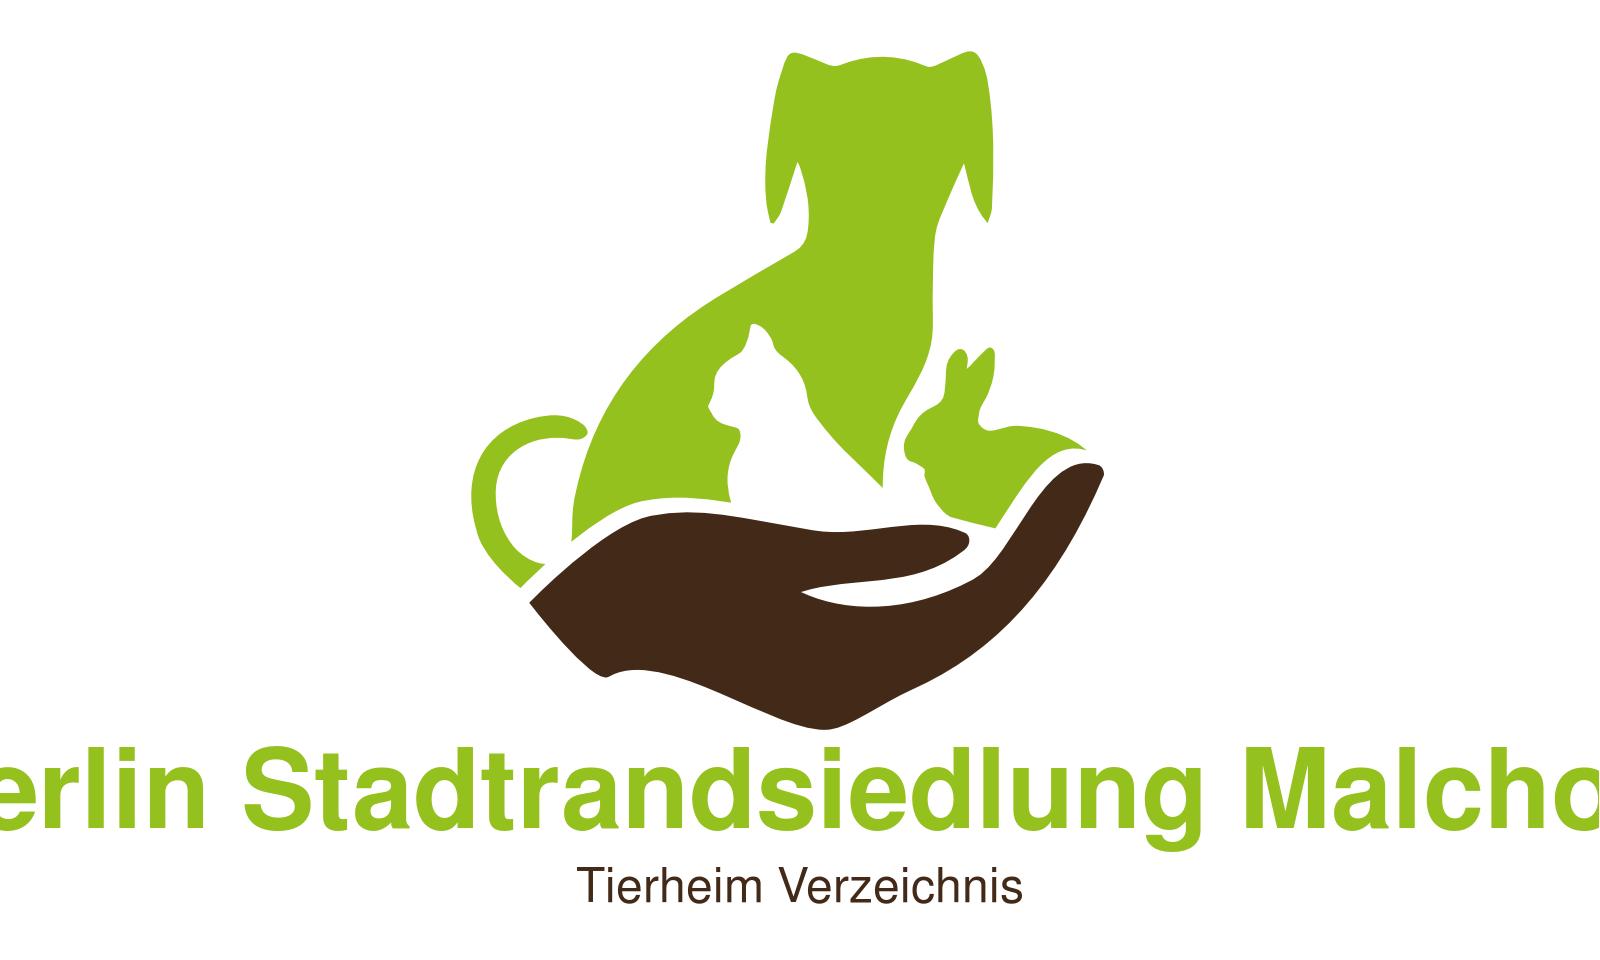 Tierheim Berlin Stadtrandsiedlung Malchow